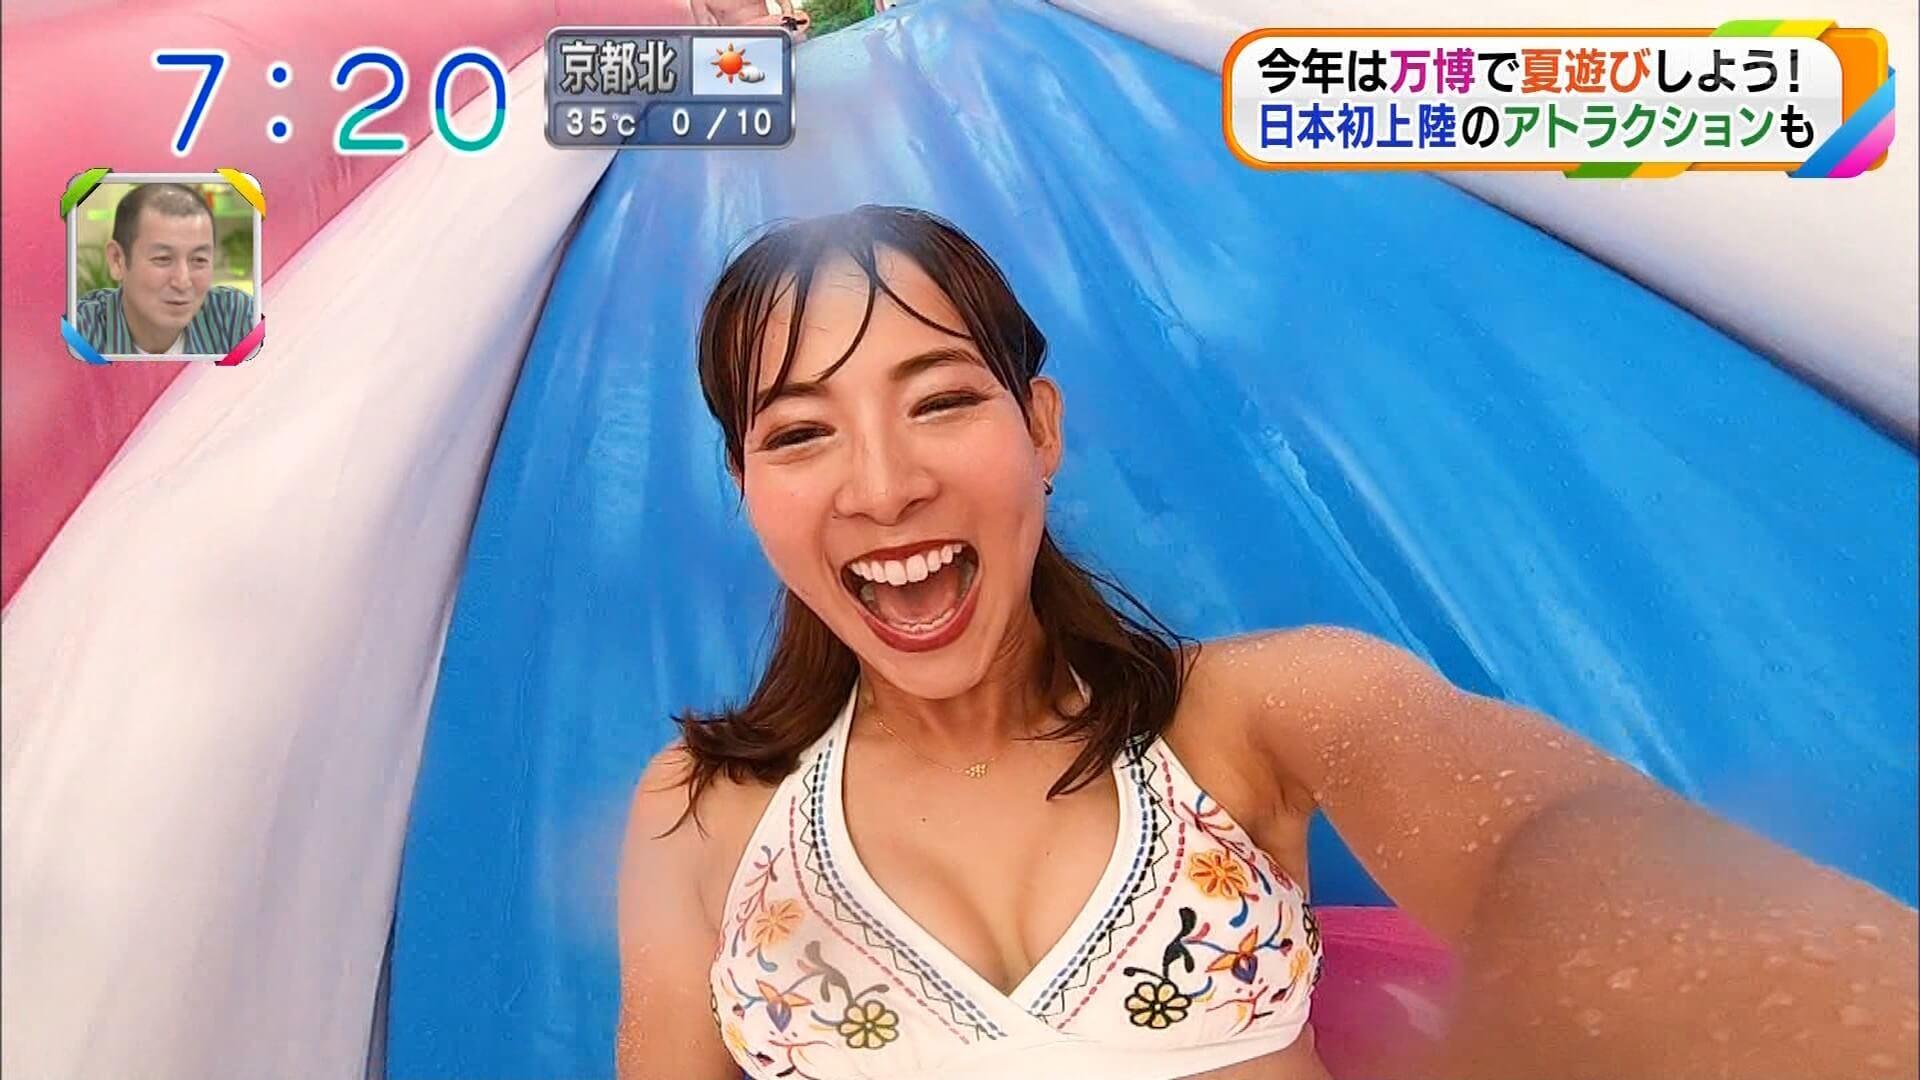 H画像案内 【朝日放送で人妻の阪本智子レポーターが寄せ上げ白水着でまんぐりハプニング】